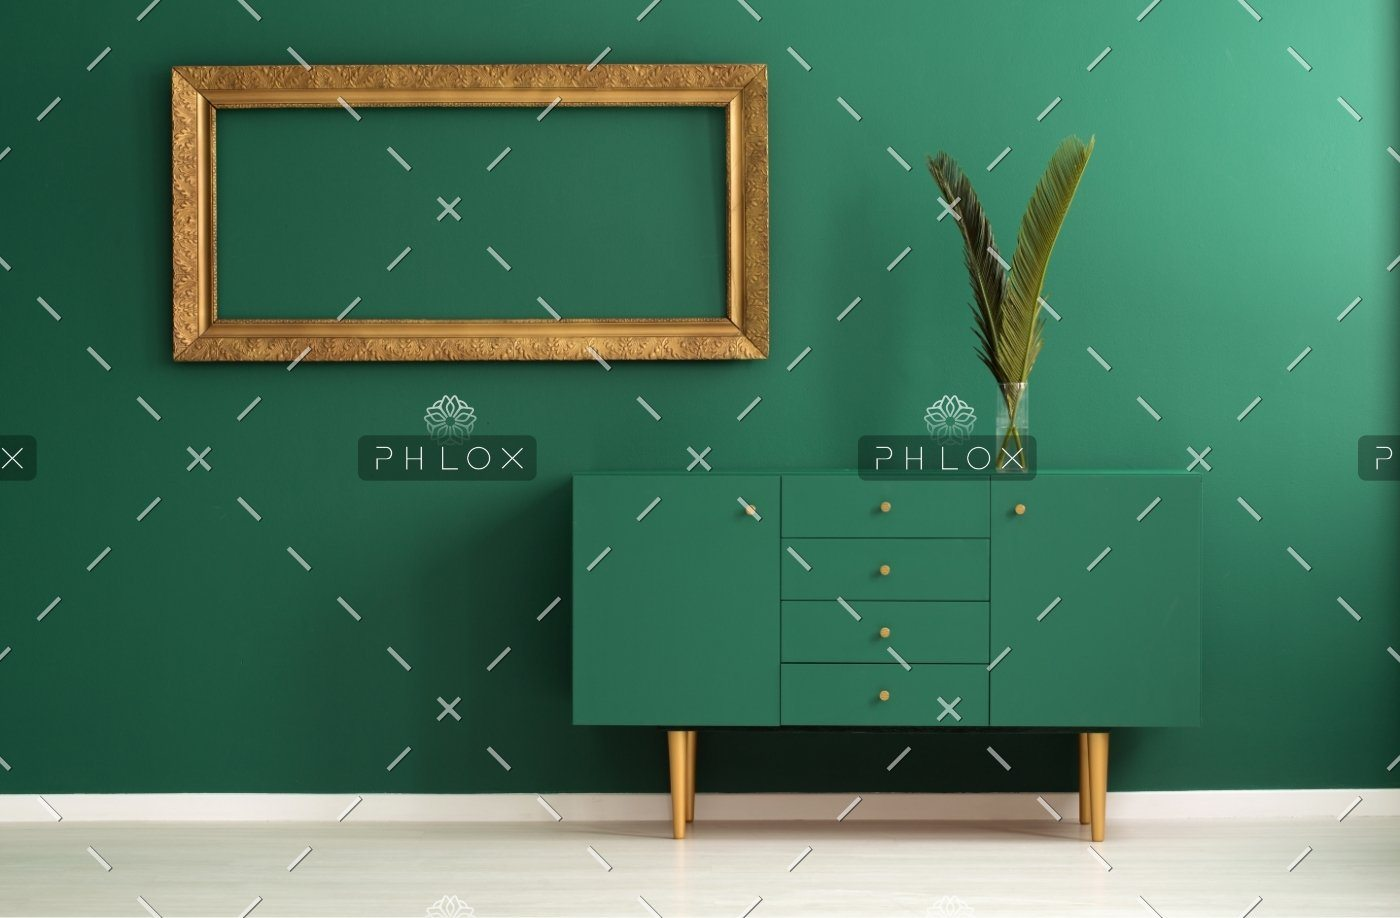 demo-attachment-26-green-and-gold-interior-PZ7WEG9